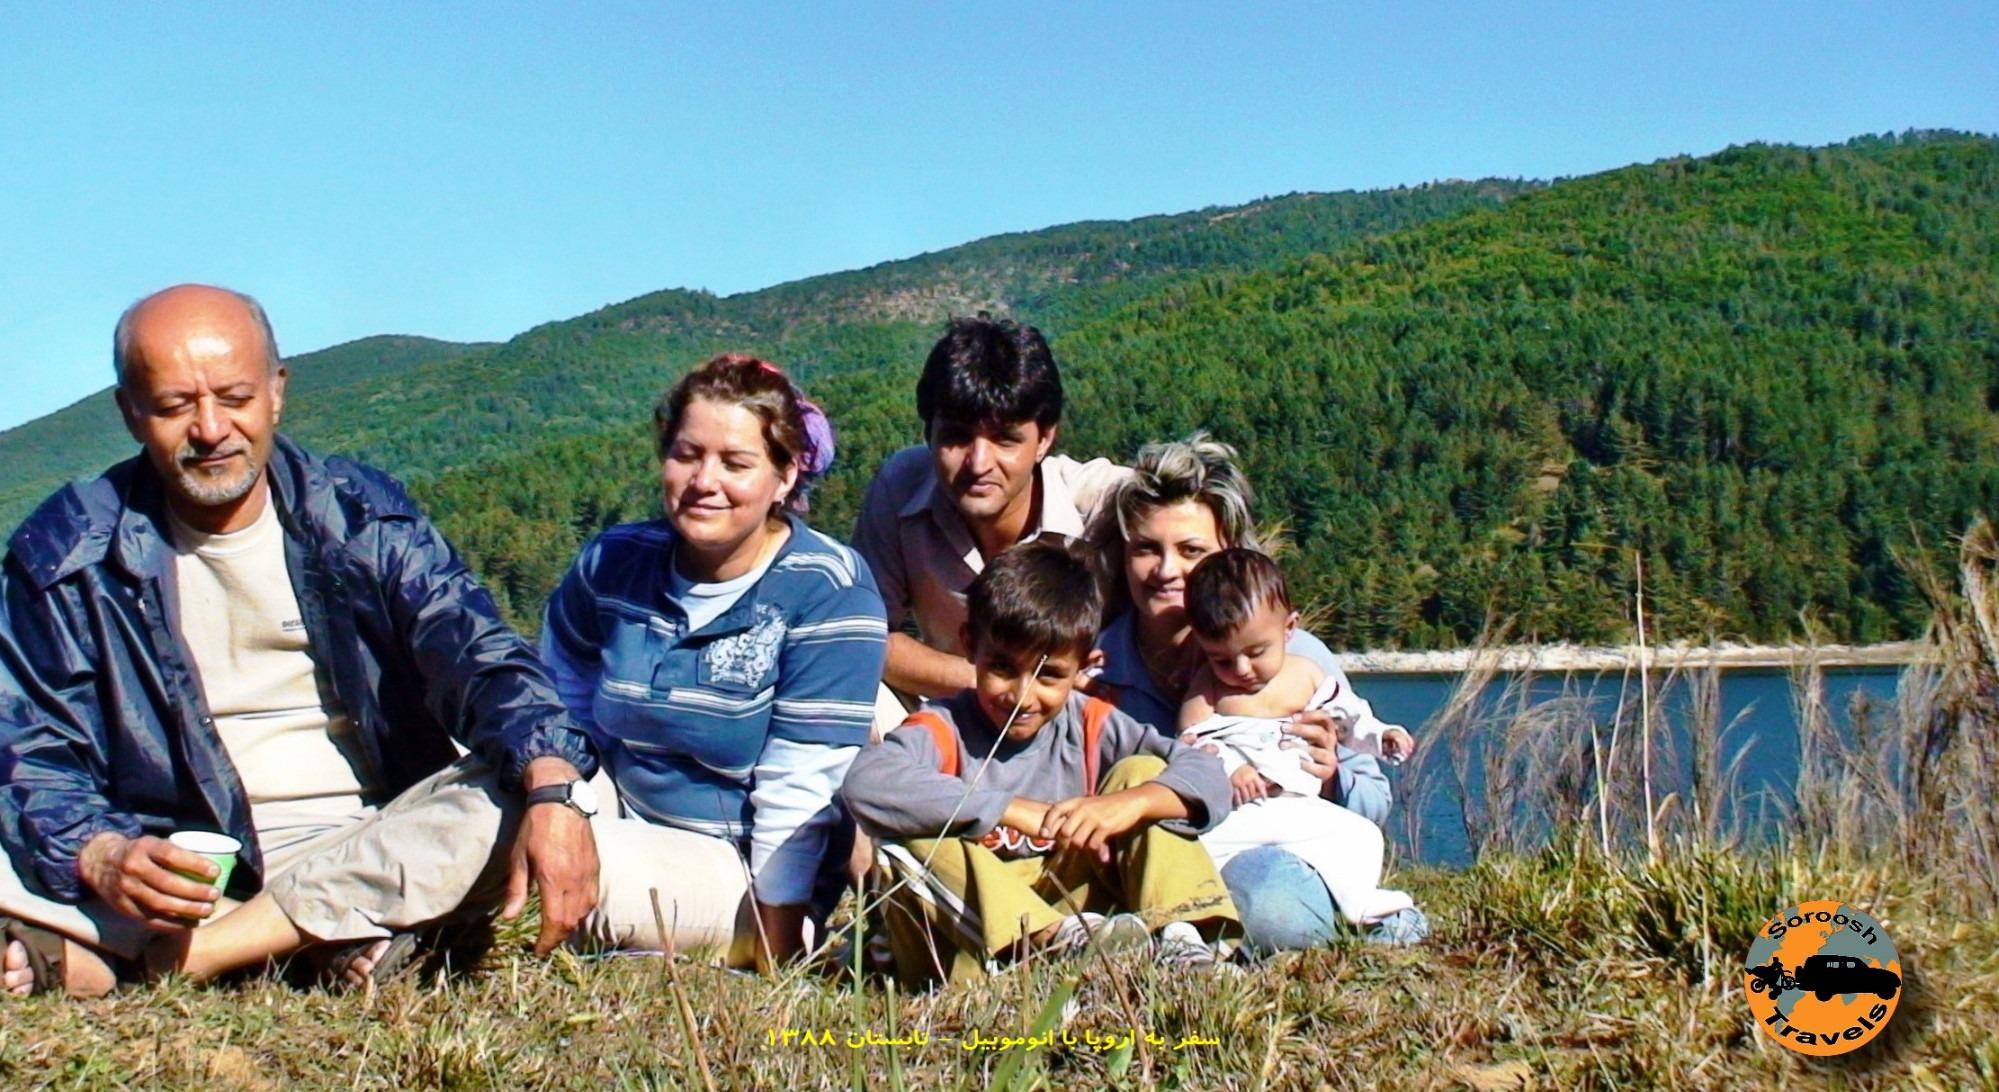 ۲۶-mordad-1388-17-august-2009-lorica-12